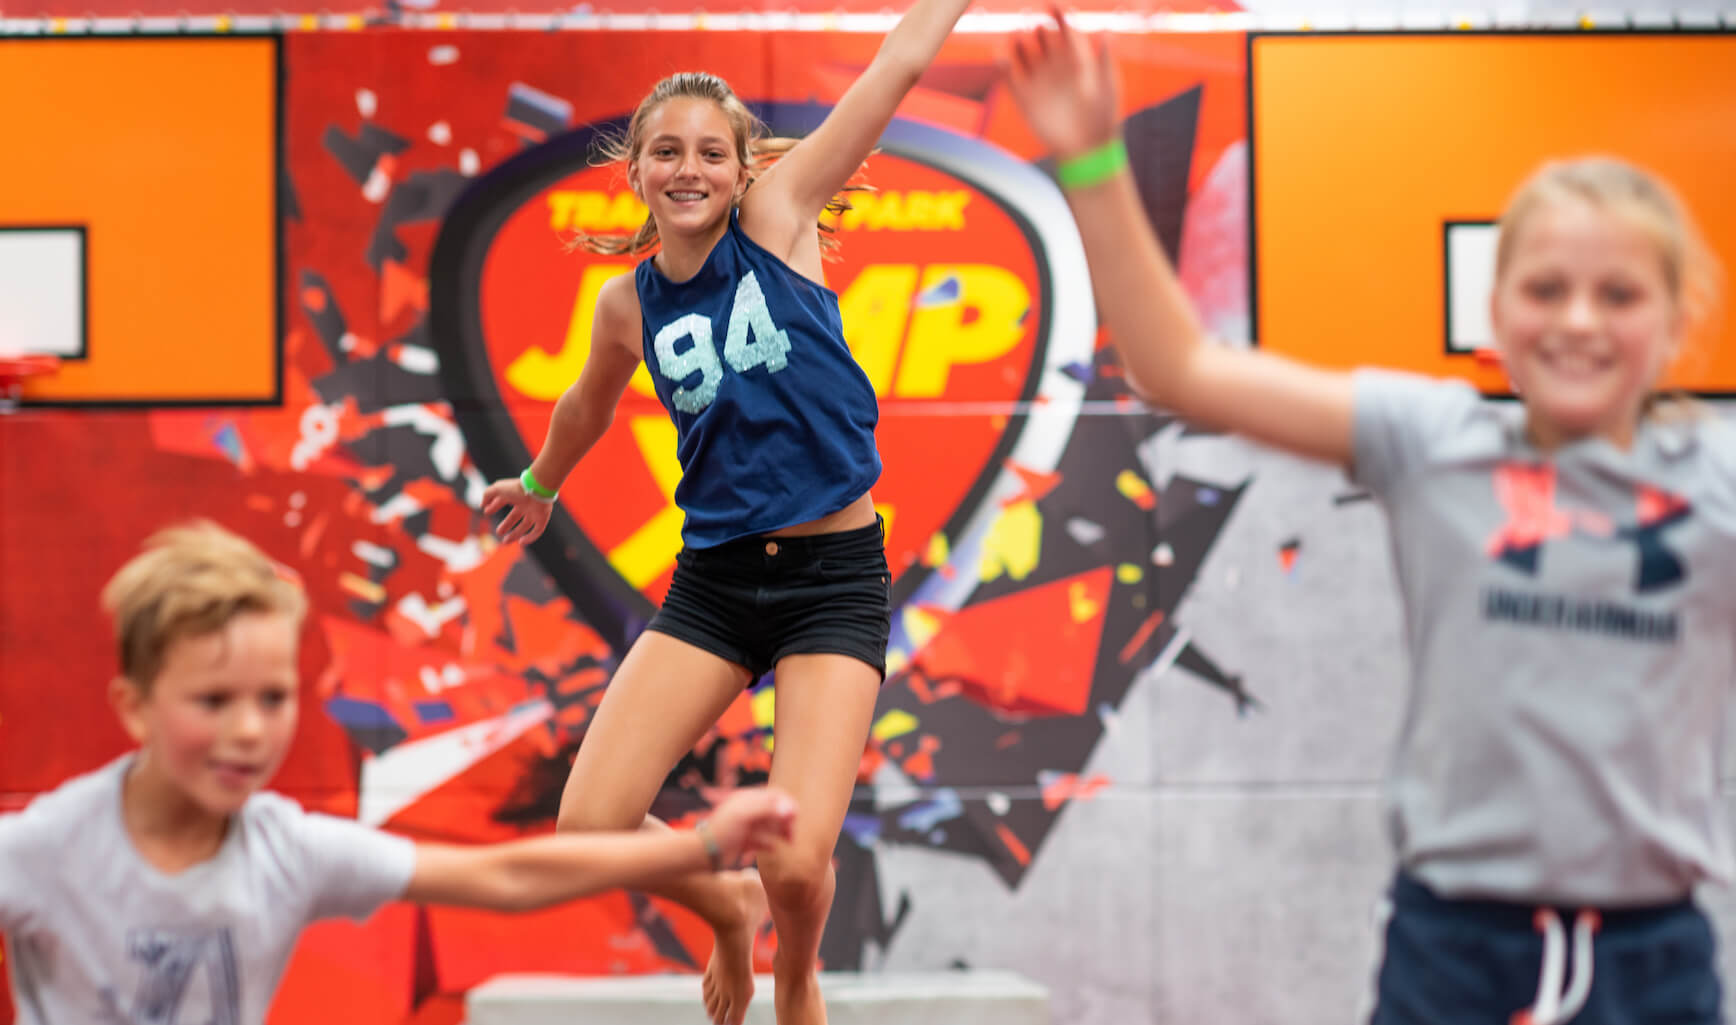 Jump XL in Aalsmeer